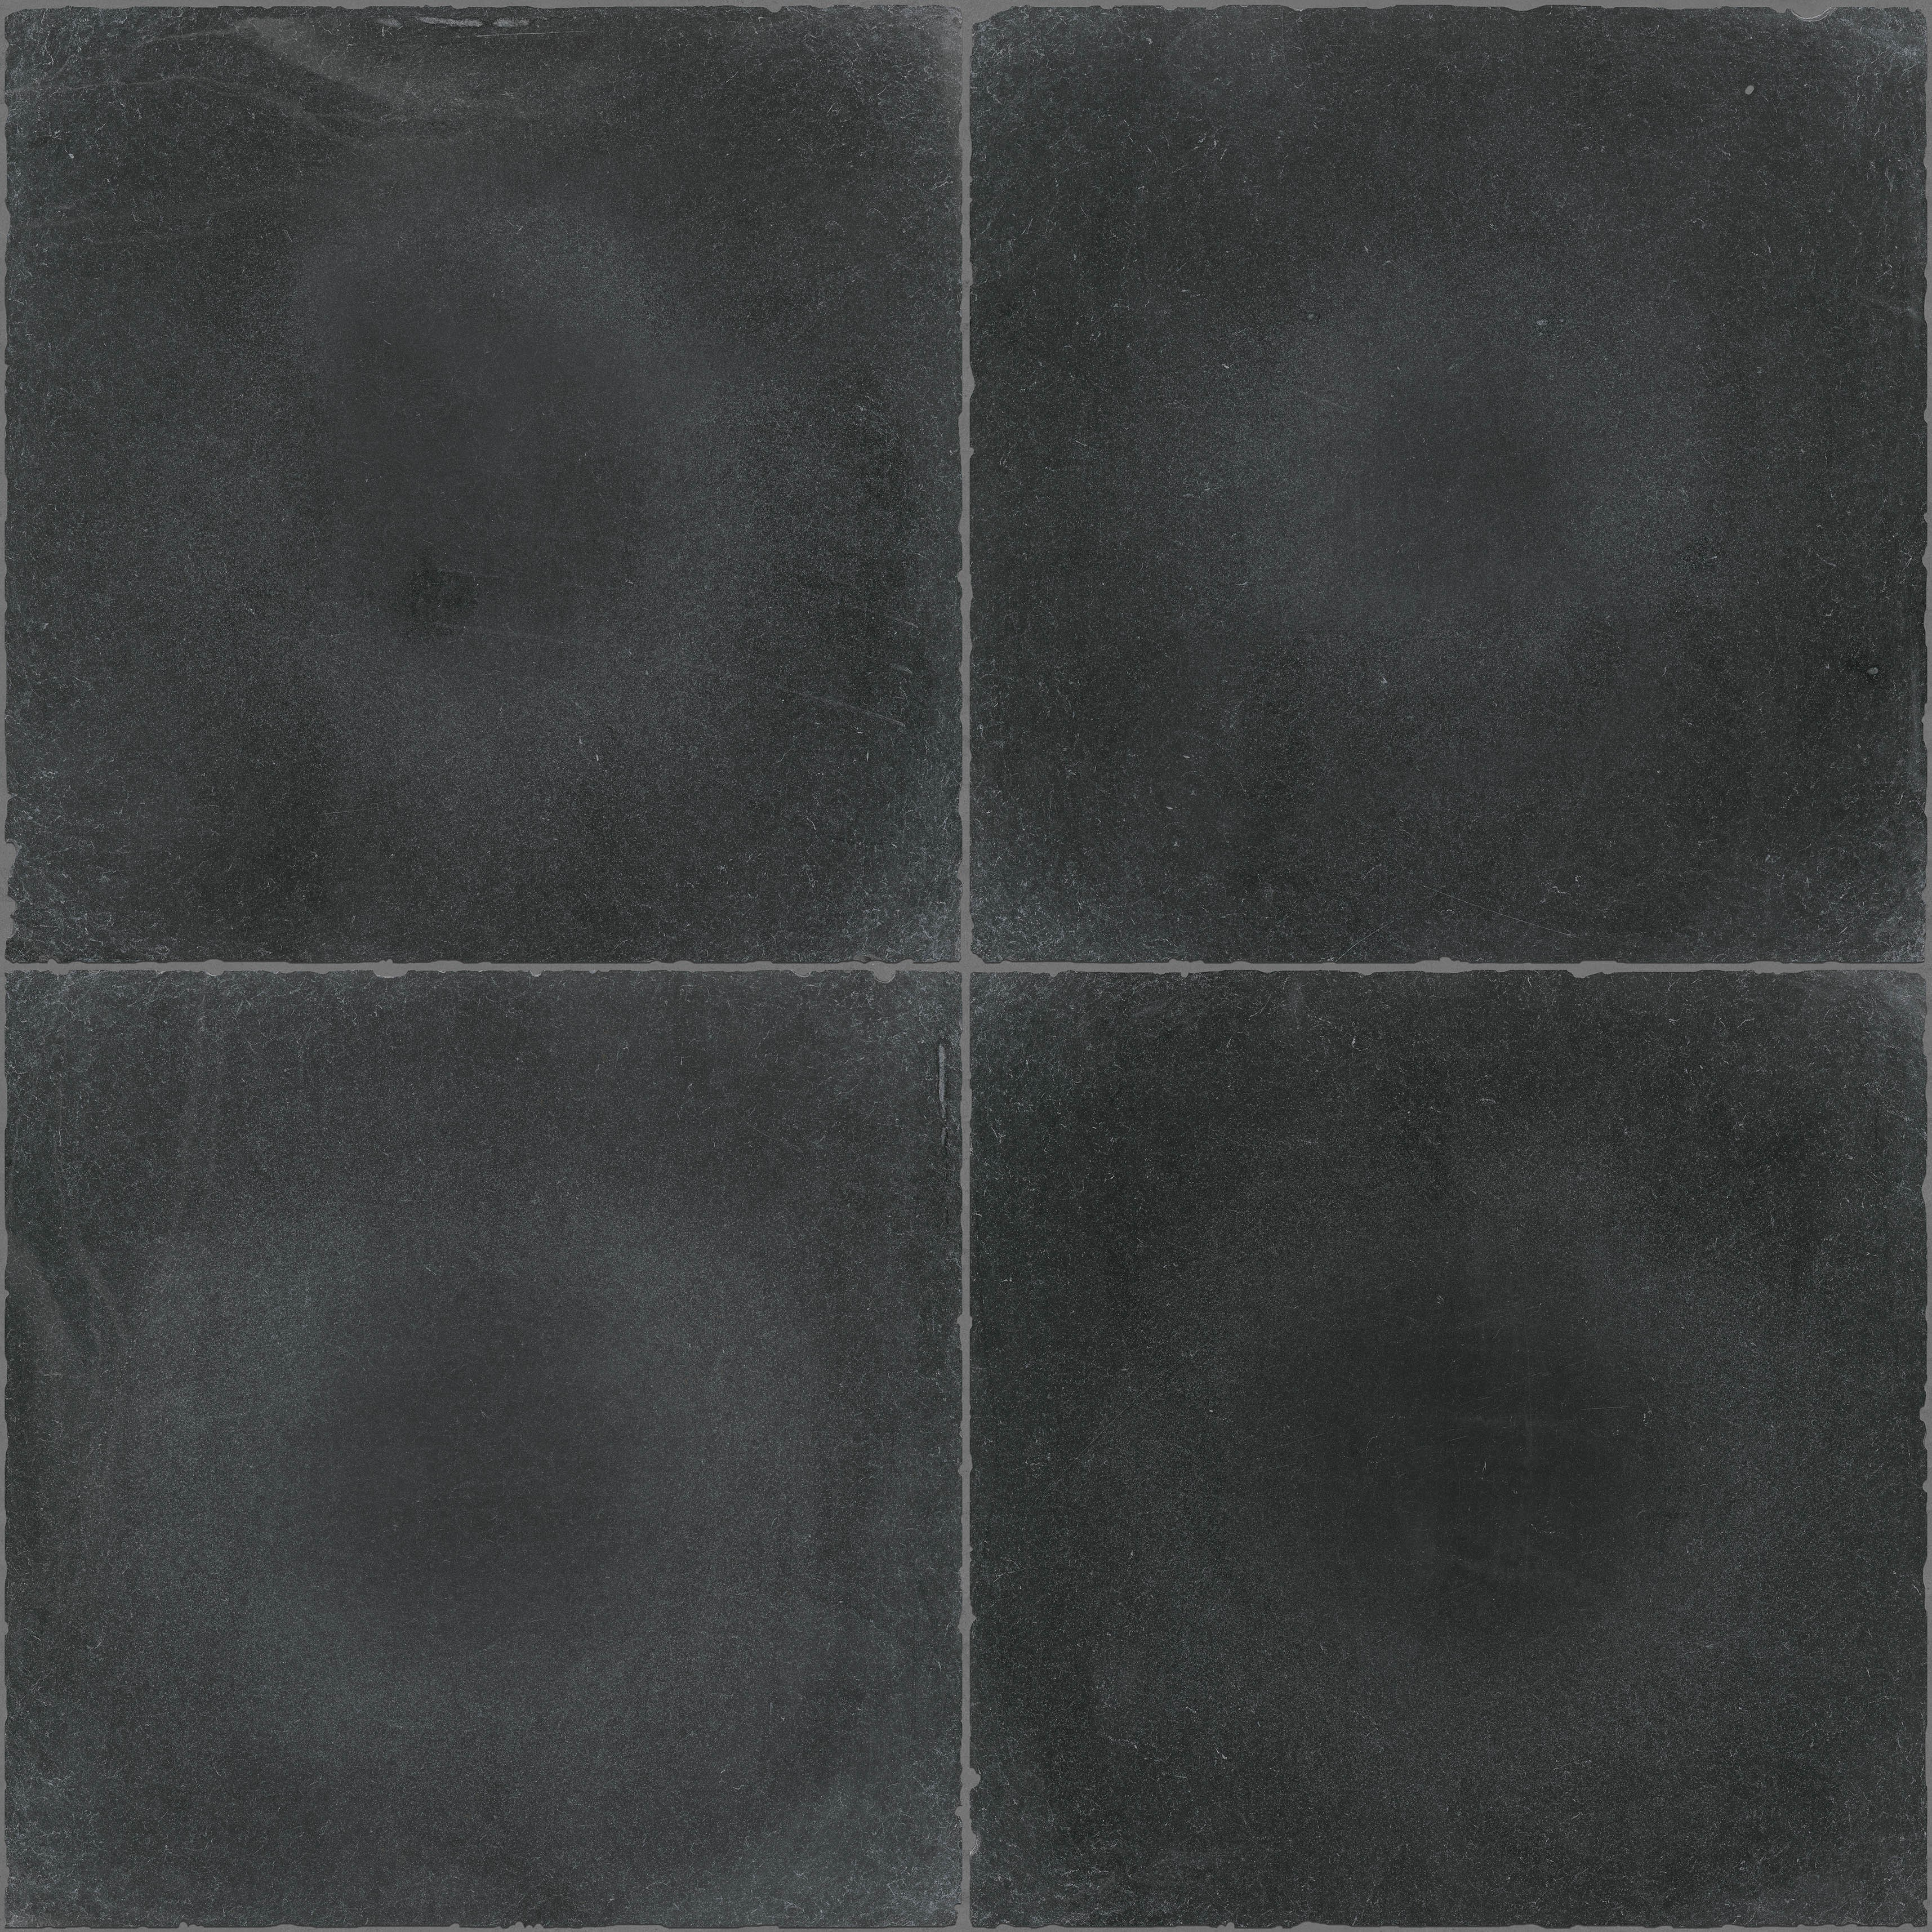 noir d eglise vloertegels impermo